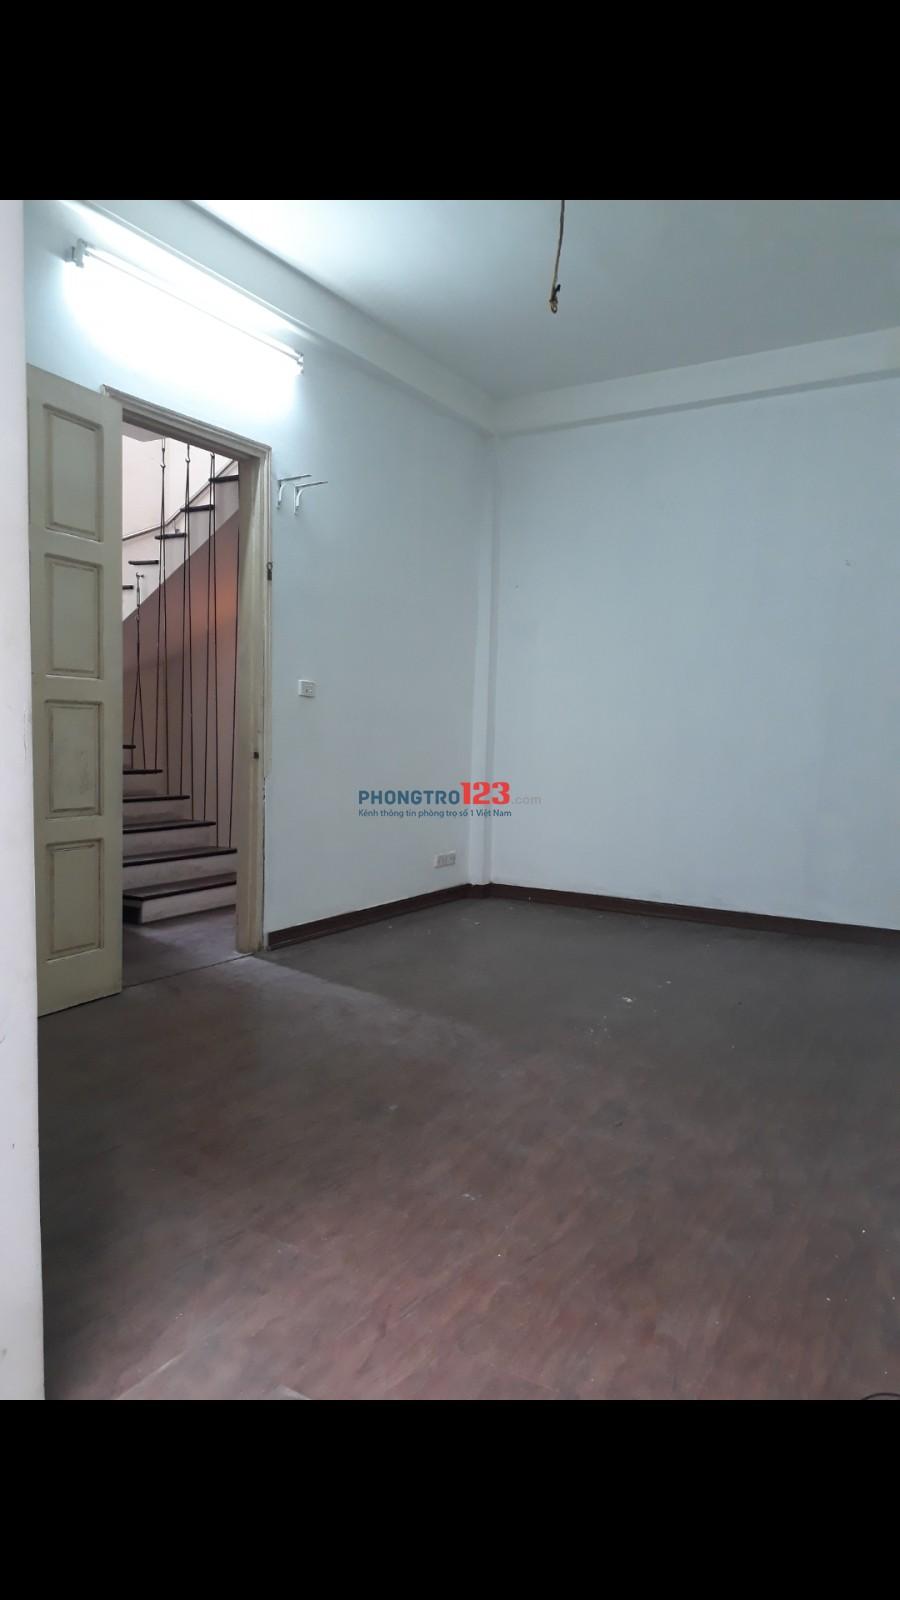 Chính chủ cho thuê phòng trọ không chung chủ Phố Minh Khai, diện tích 30m2, giá 2tr8/tháng